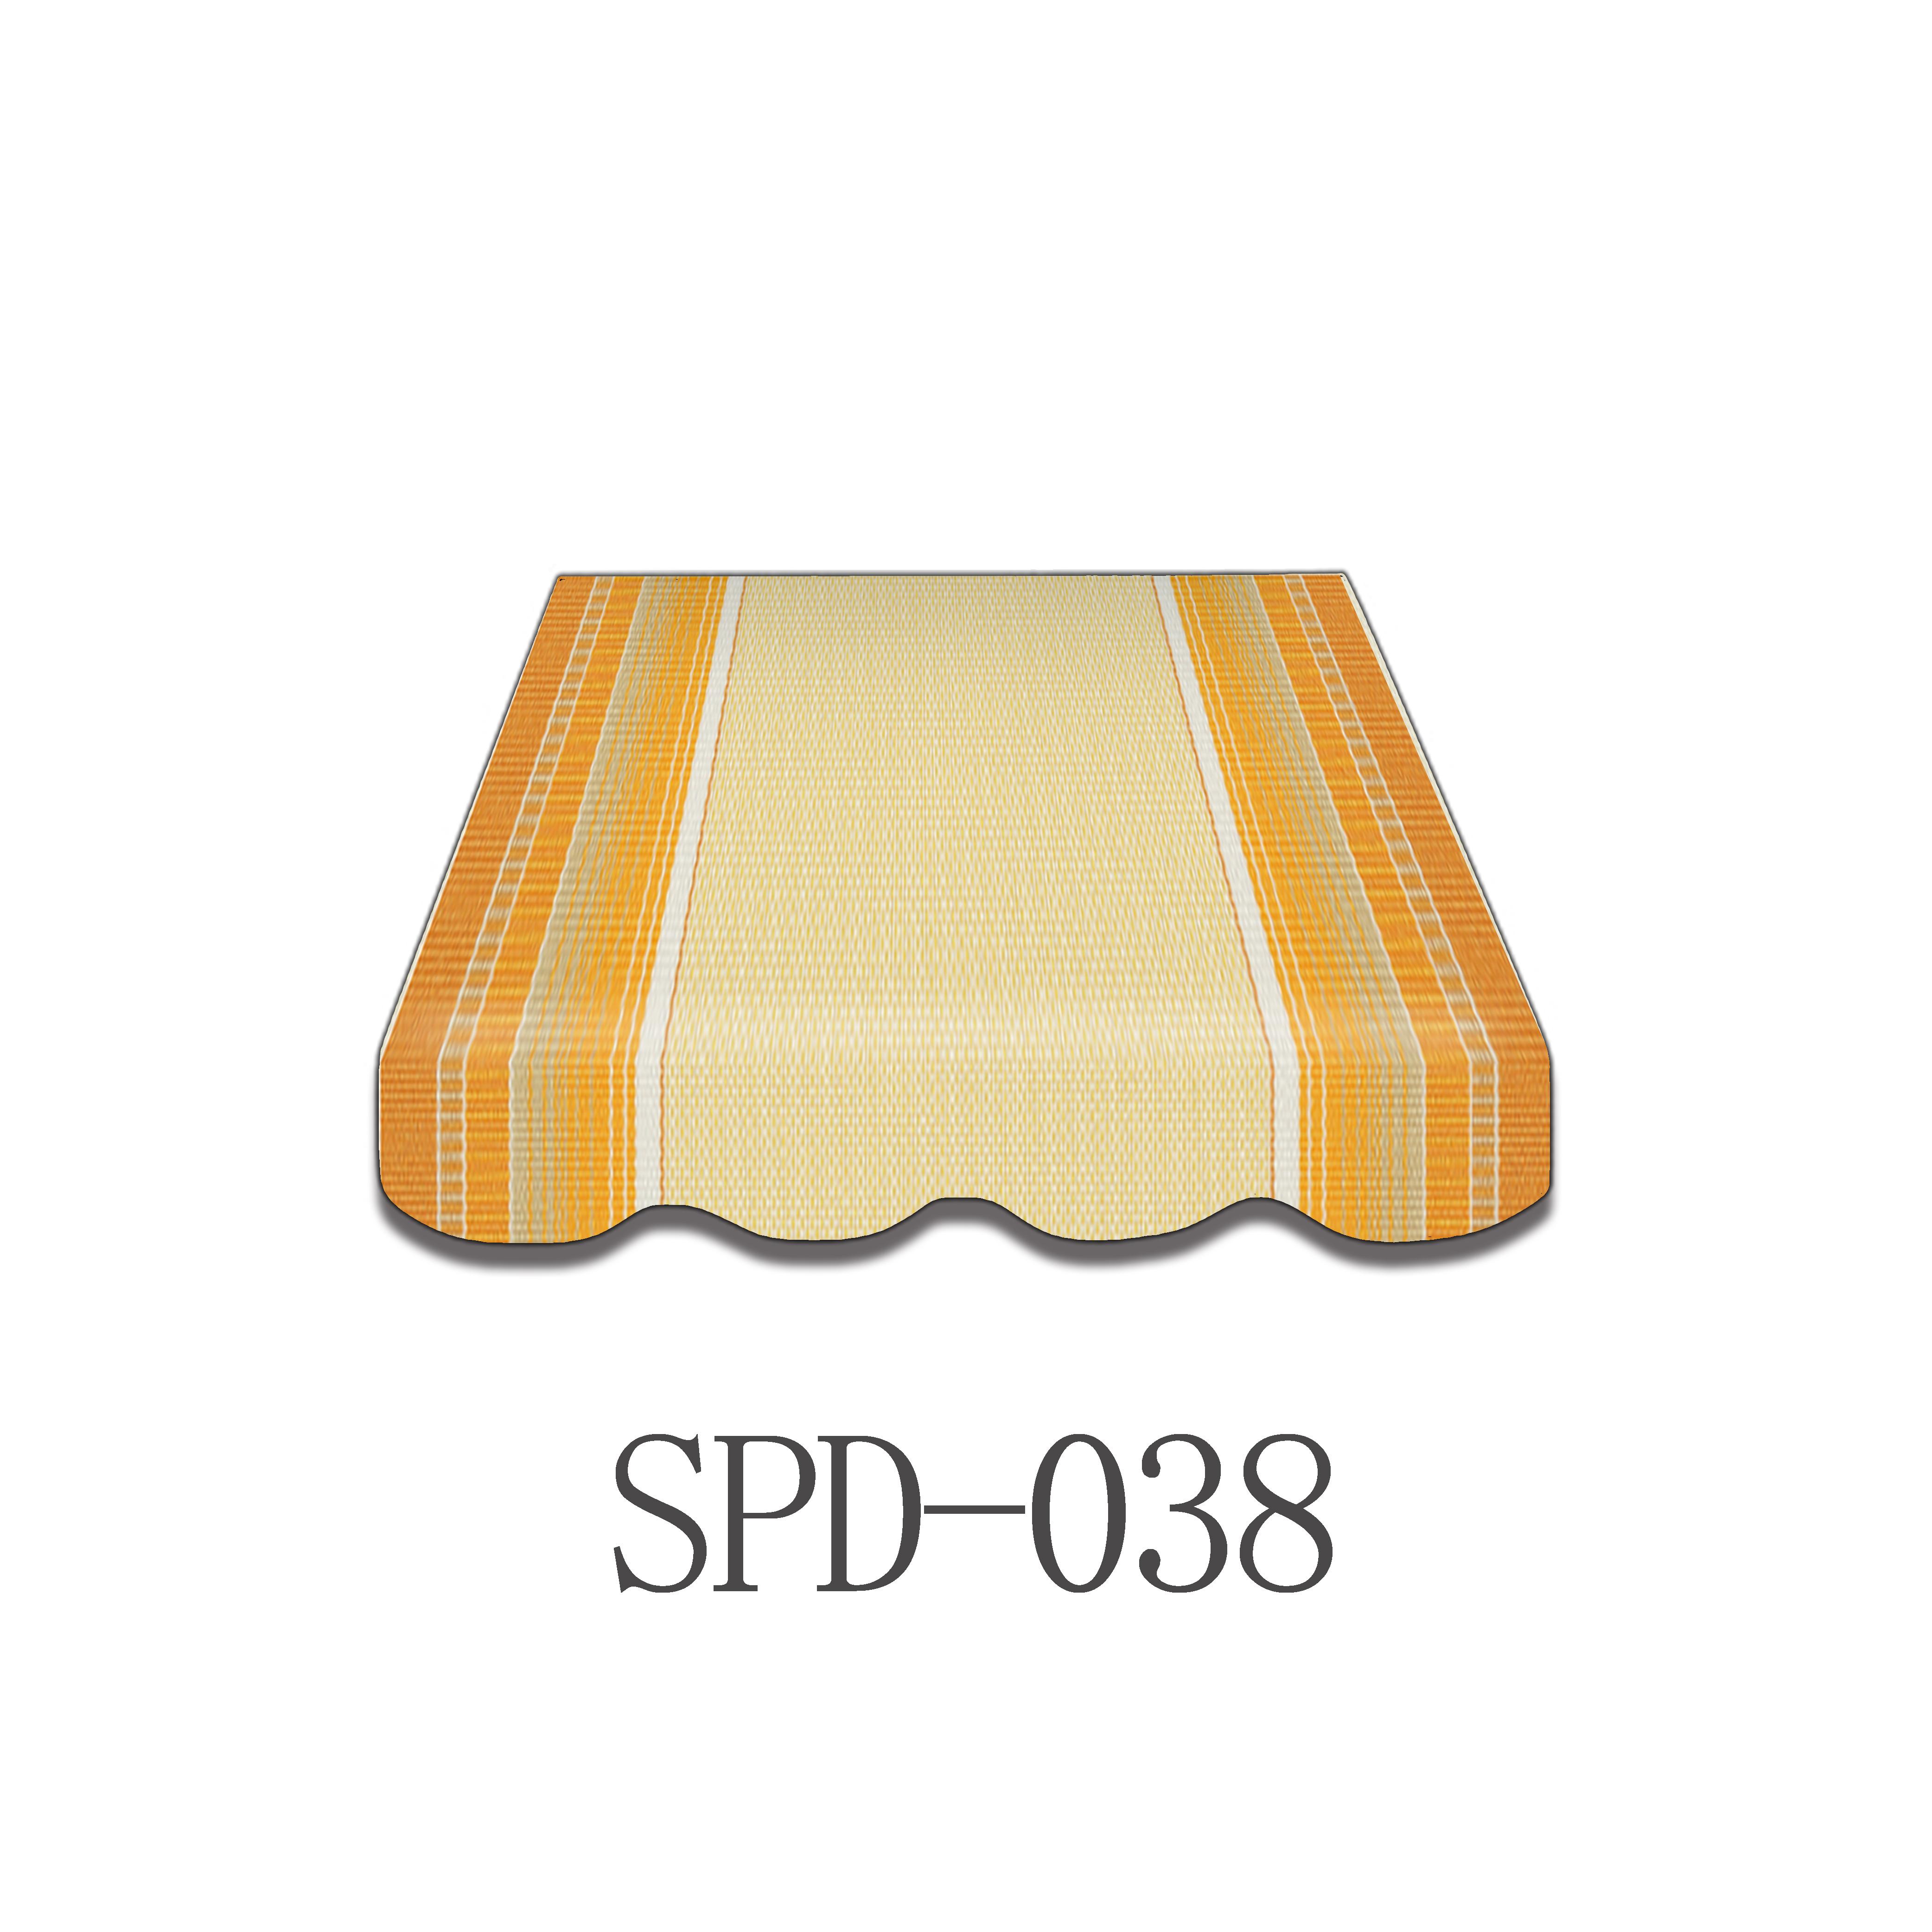 markisentuch markisenbespannung ersatzstoff ohne volant 4. Black Bedroom Furniture Sets. Home Design Ideas